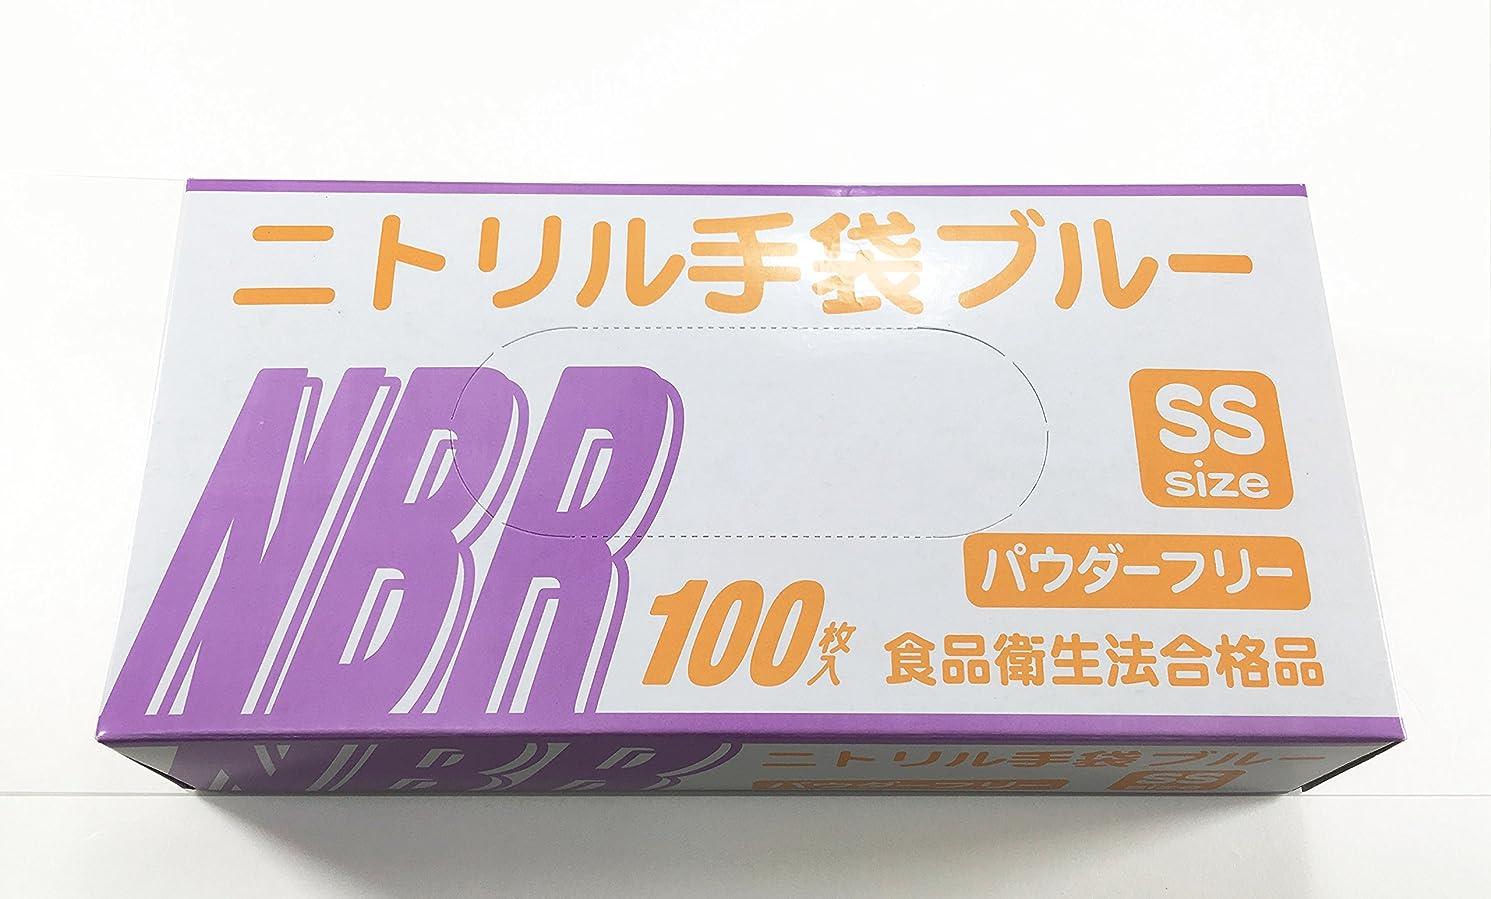 最大のナイロン受け取る使い捨て手袋 ニトリル グローブ ブルー 食品衛生法合格品 粉なし 100枚入×20個セット SSサイズ